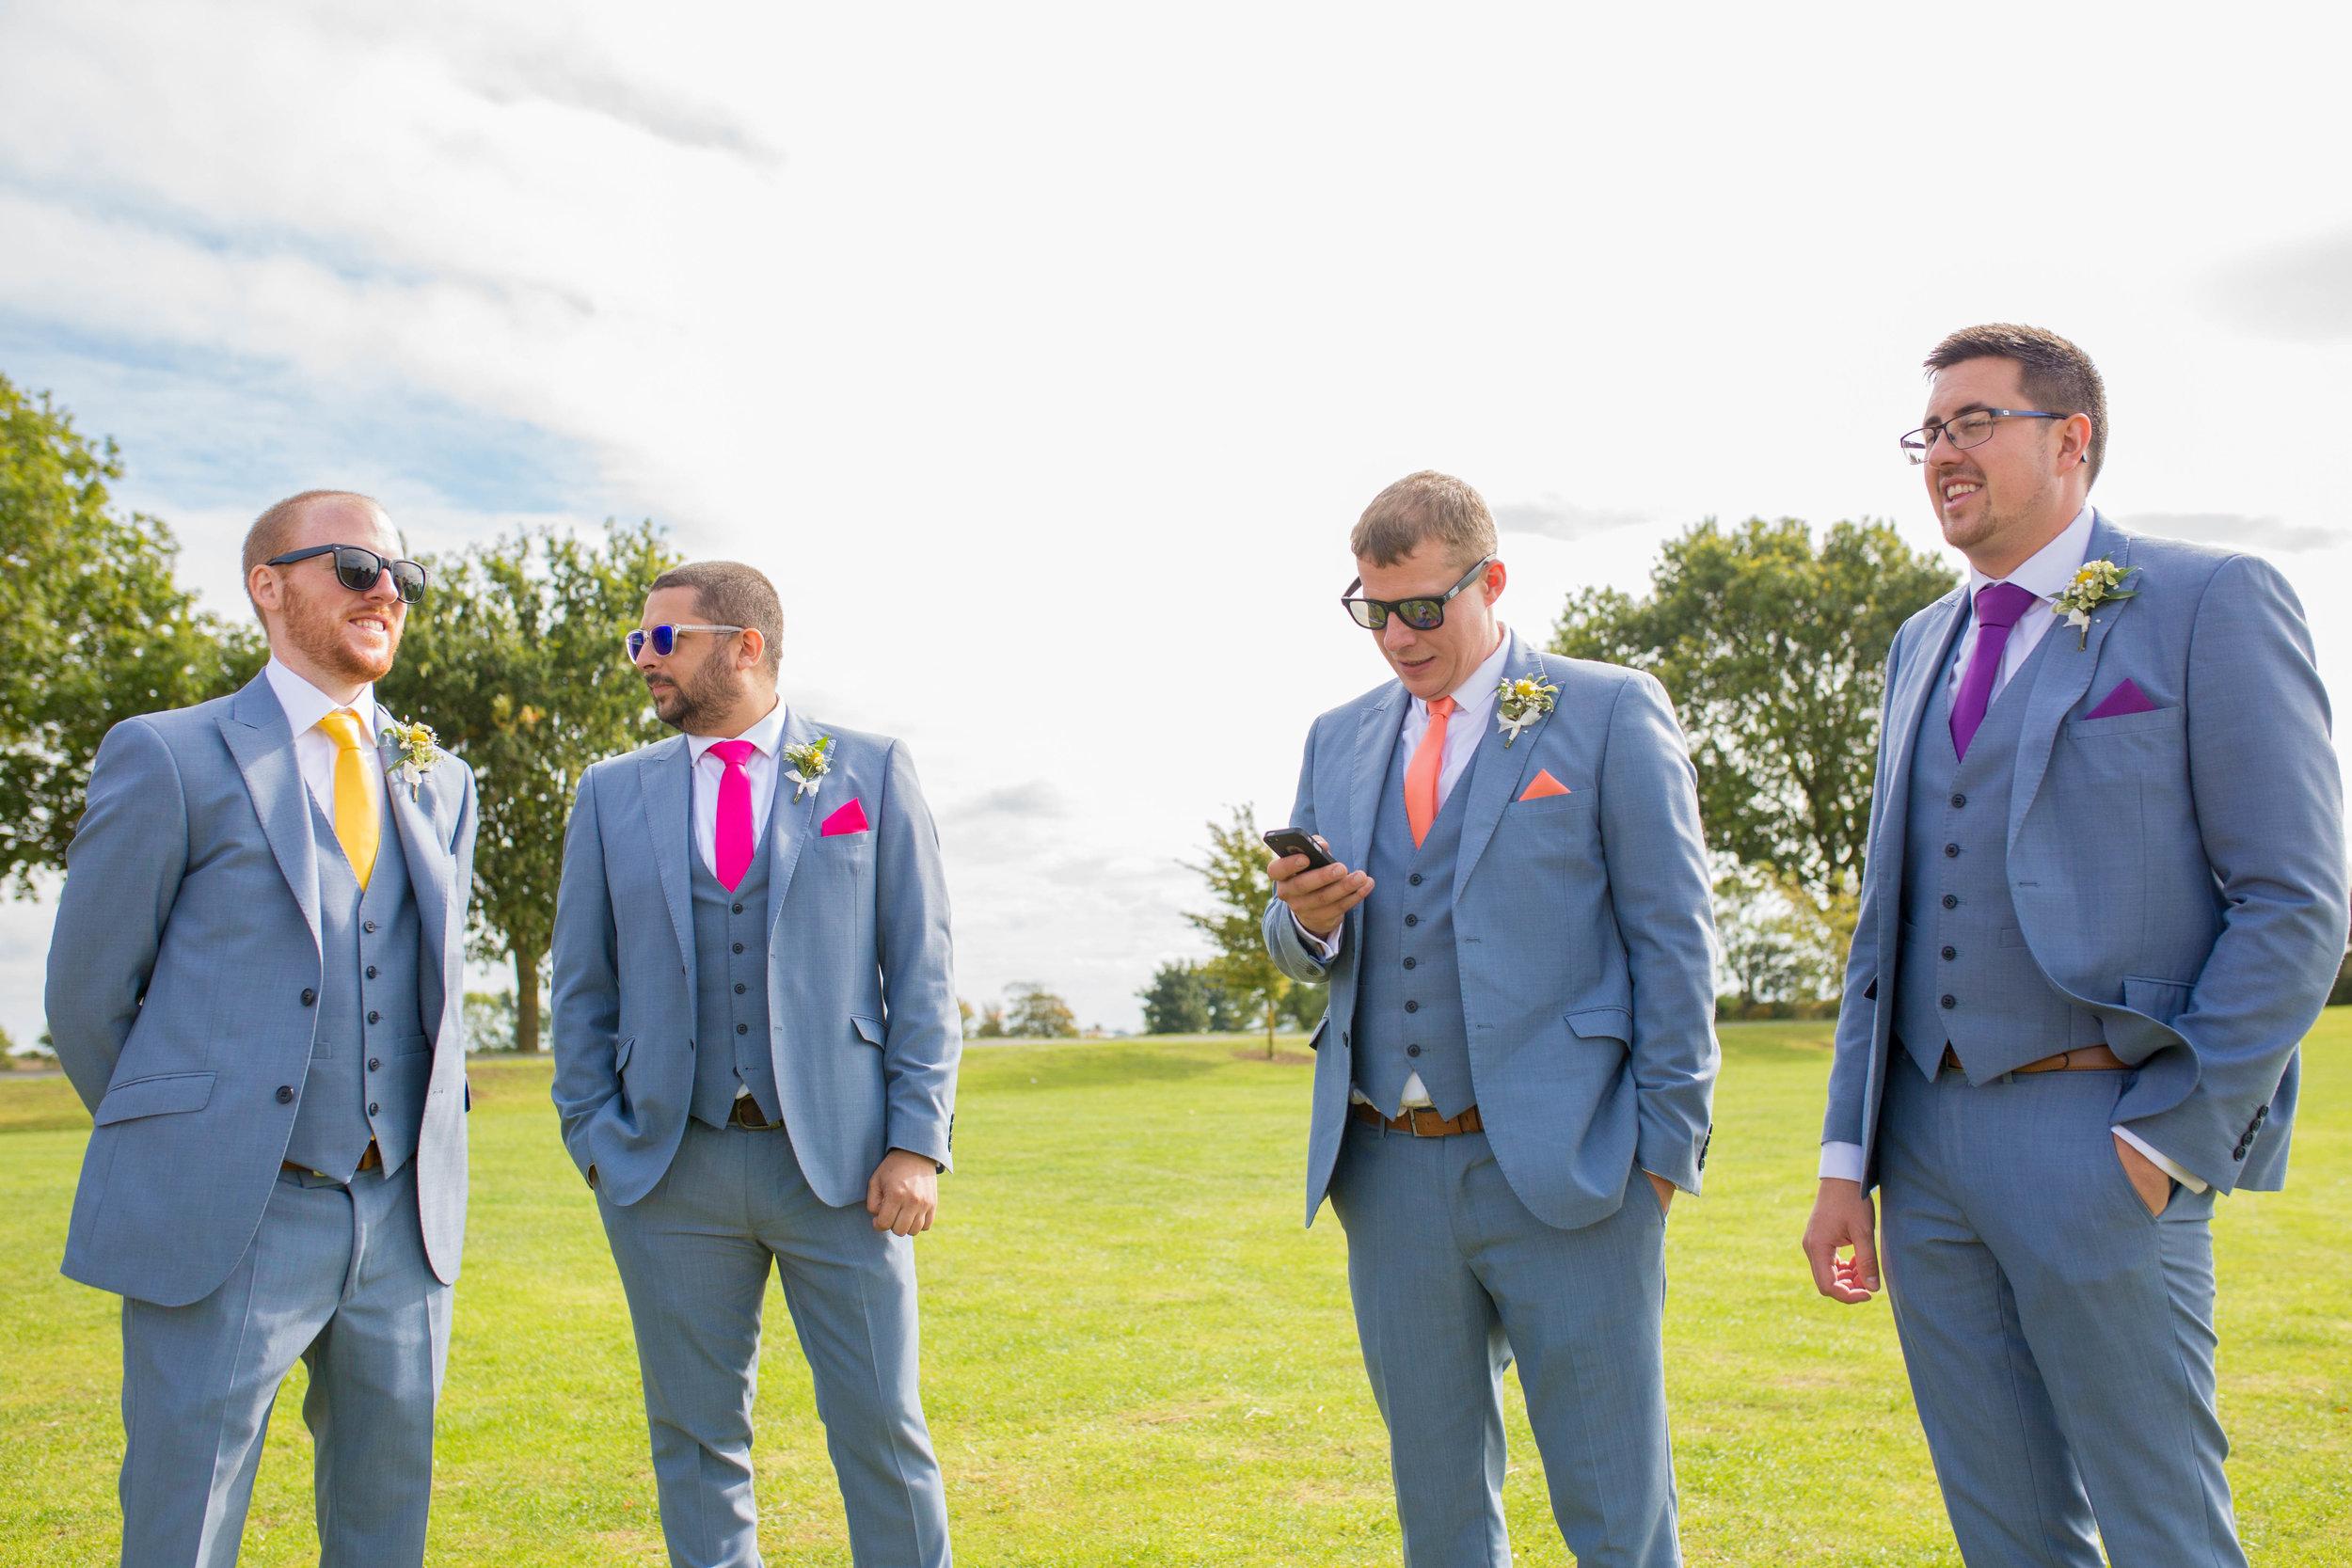 Sywell_Grange_Northampton_Wedding_Nick_Labrum_Photo_Nicola&Ed-284.jpg